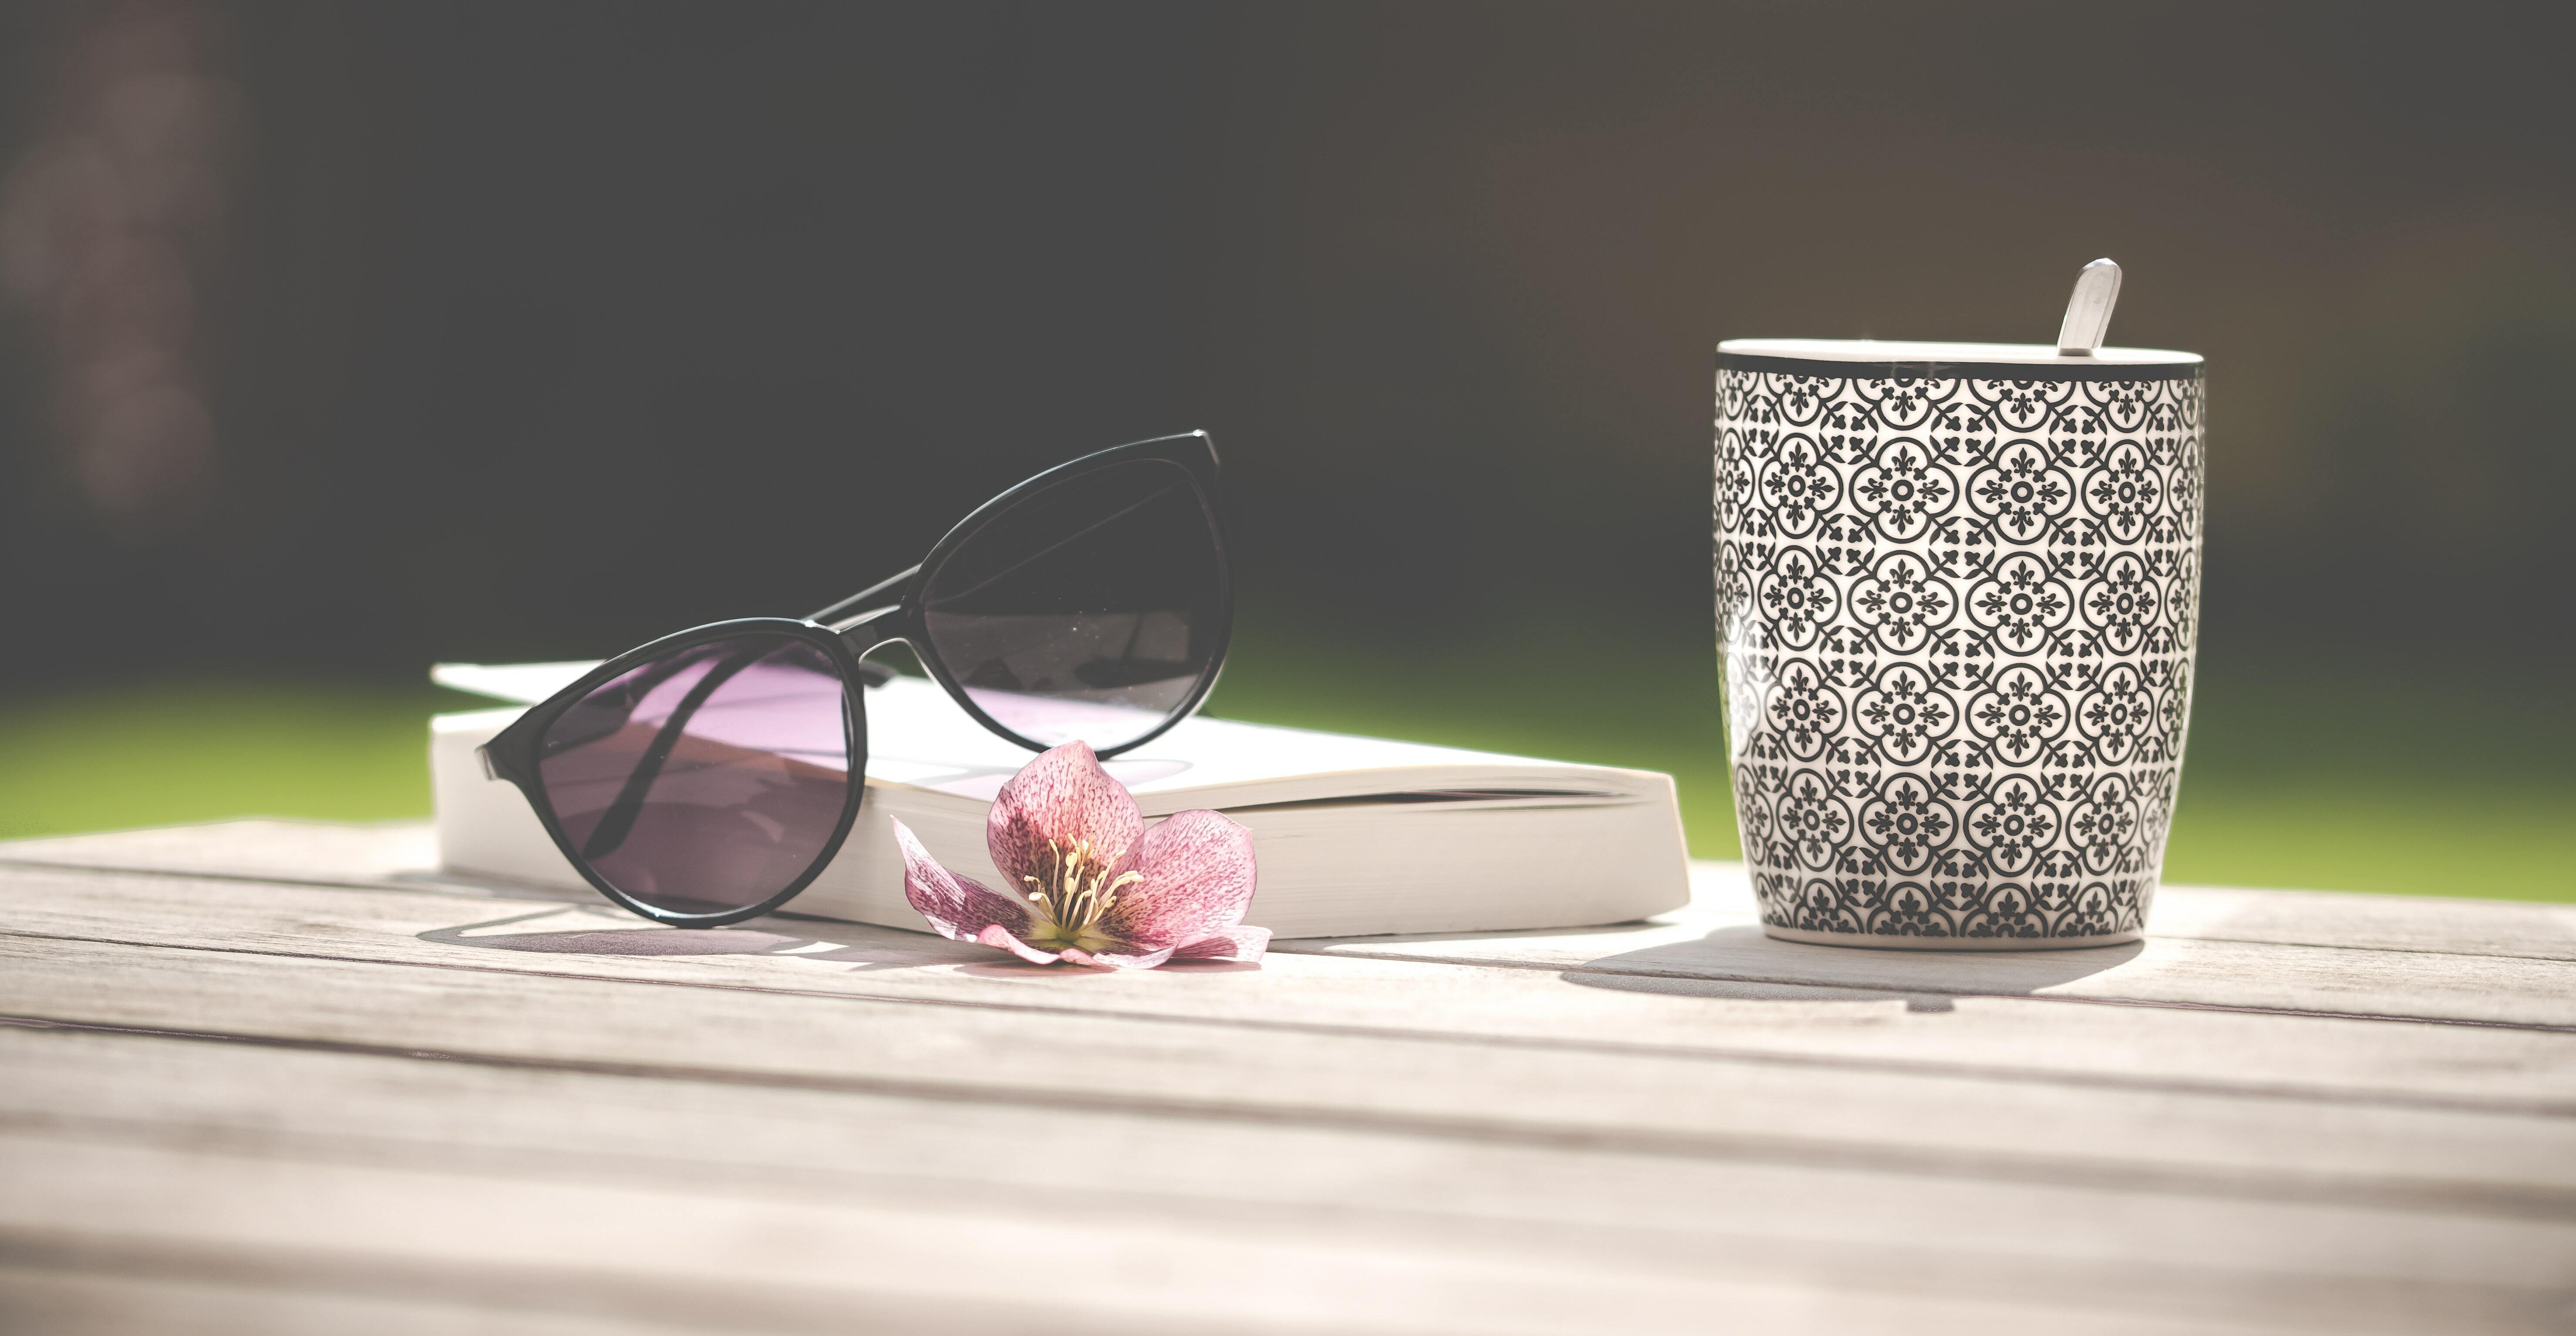 libro con gafas de sol y taza